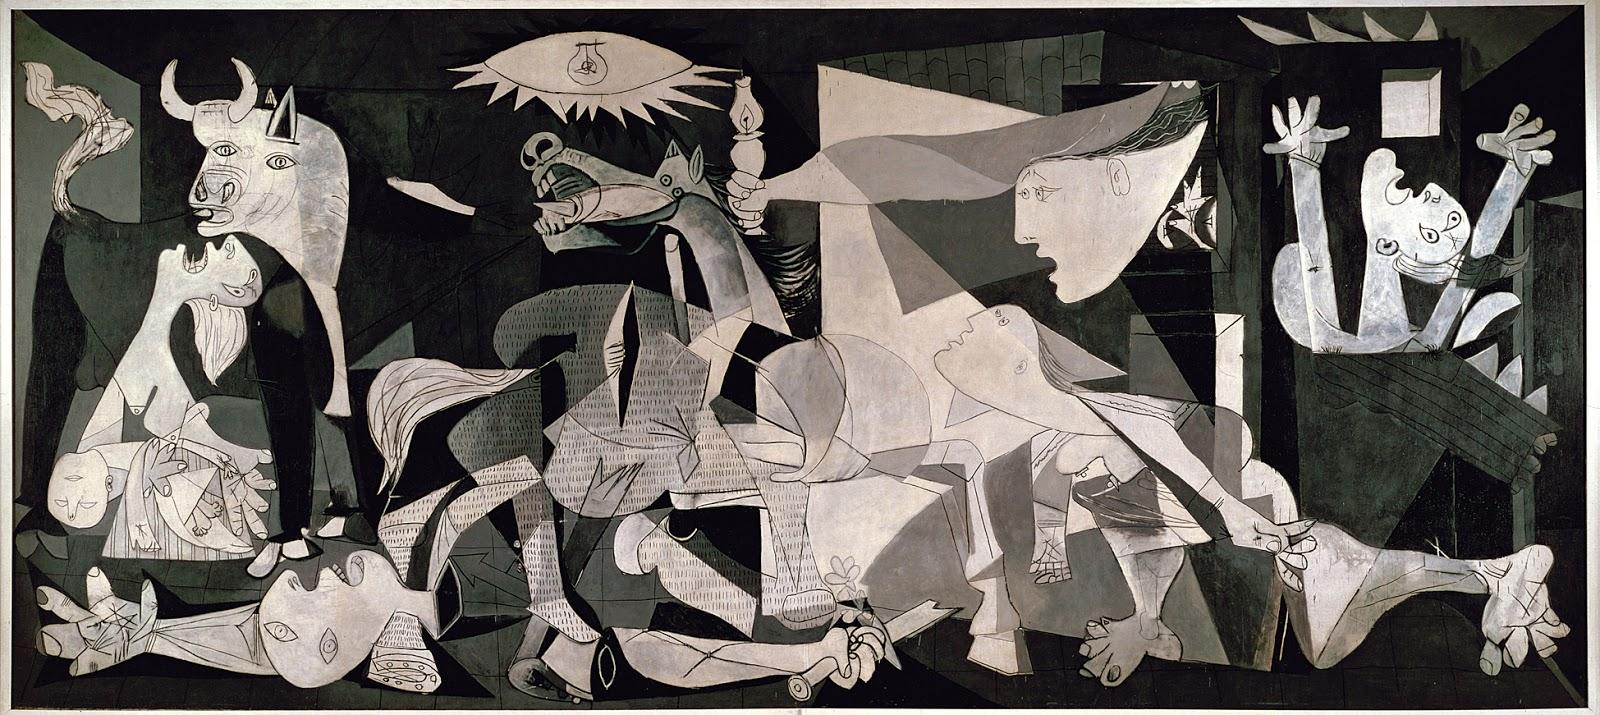 Picasso, Guernica, 1937: Picasso, Guernica'da kendi ülkesinden gelen haberleri dinlerken kendi çektiği acıları resmetmektedir. Gerçek olayı imgelerde canlandırmaya çalışmamıştır. Kent yoktur, uçaklar yoktur, patlama yoktur; günün, yılın, yüzyılın belli bir zamanına ya da İspanya'ya bir gönderme yoktur. Suçlanacak düşman yoktur. Kahramanlık da yoktur. Yine de bir protestodur.